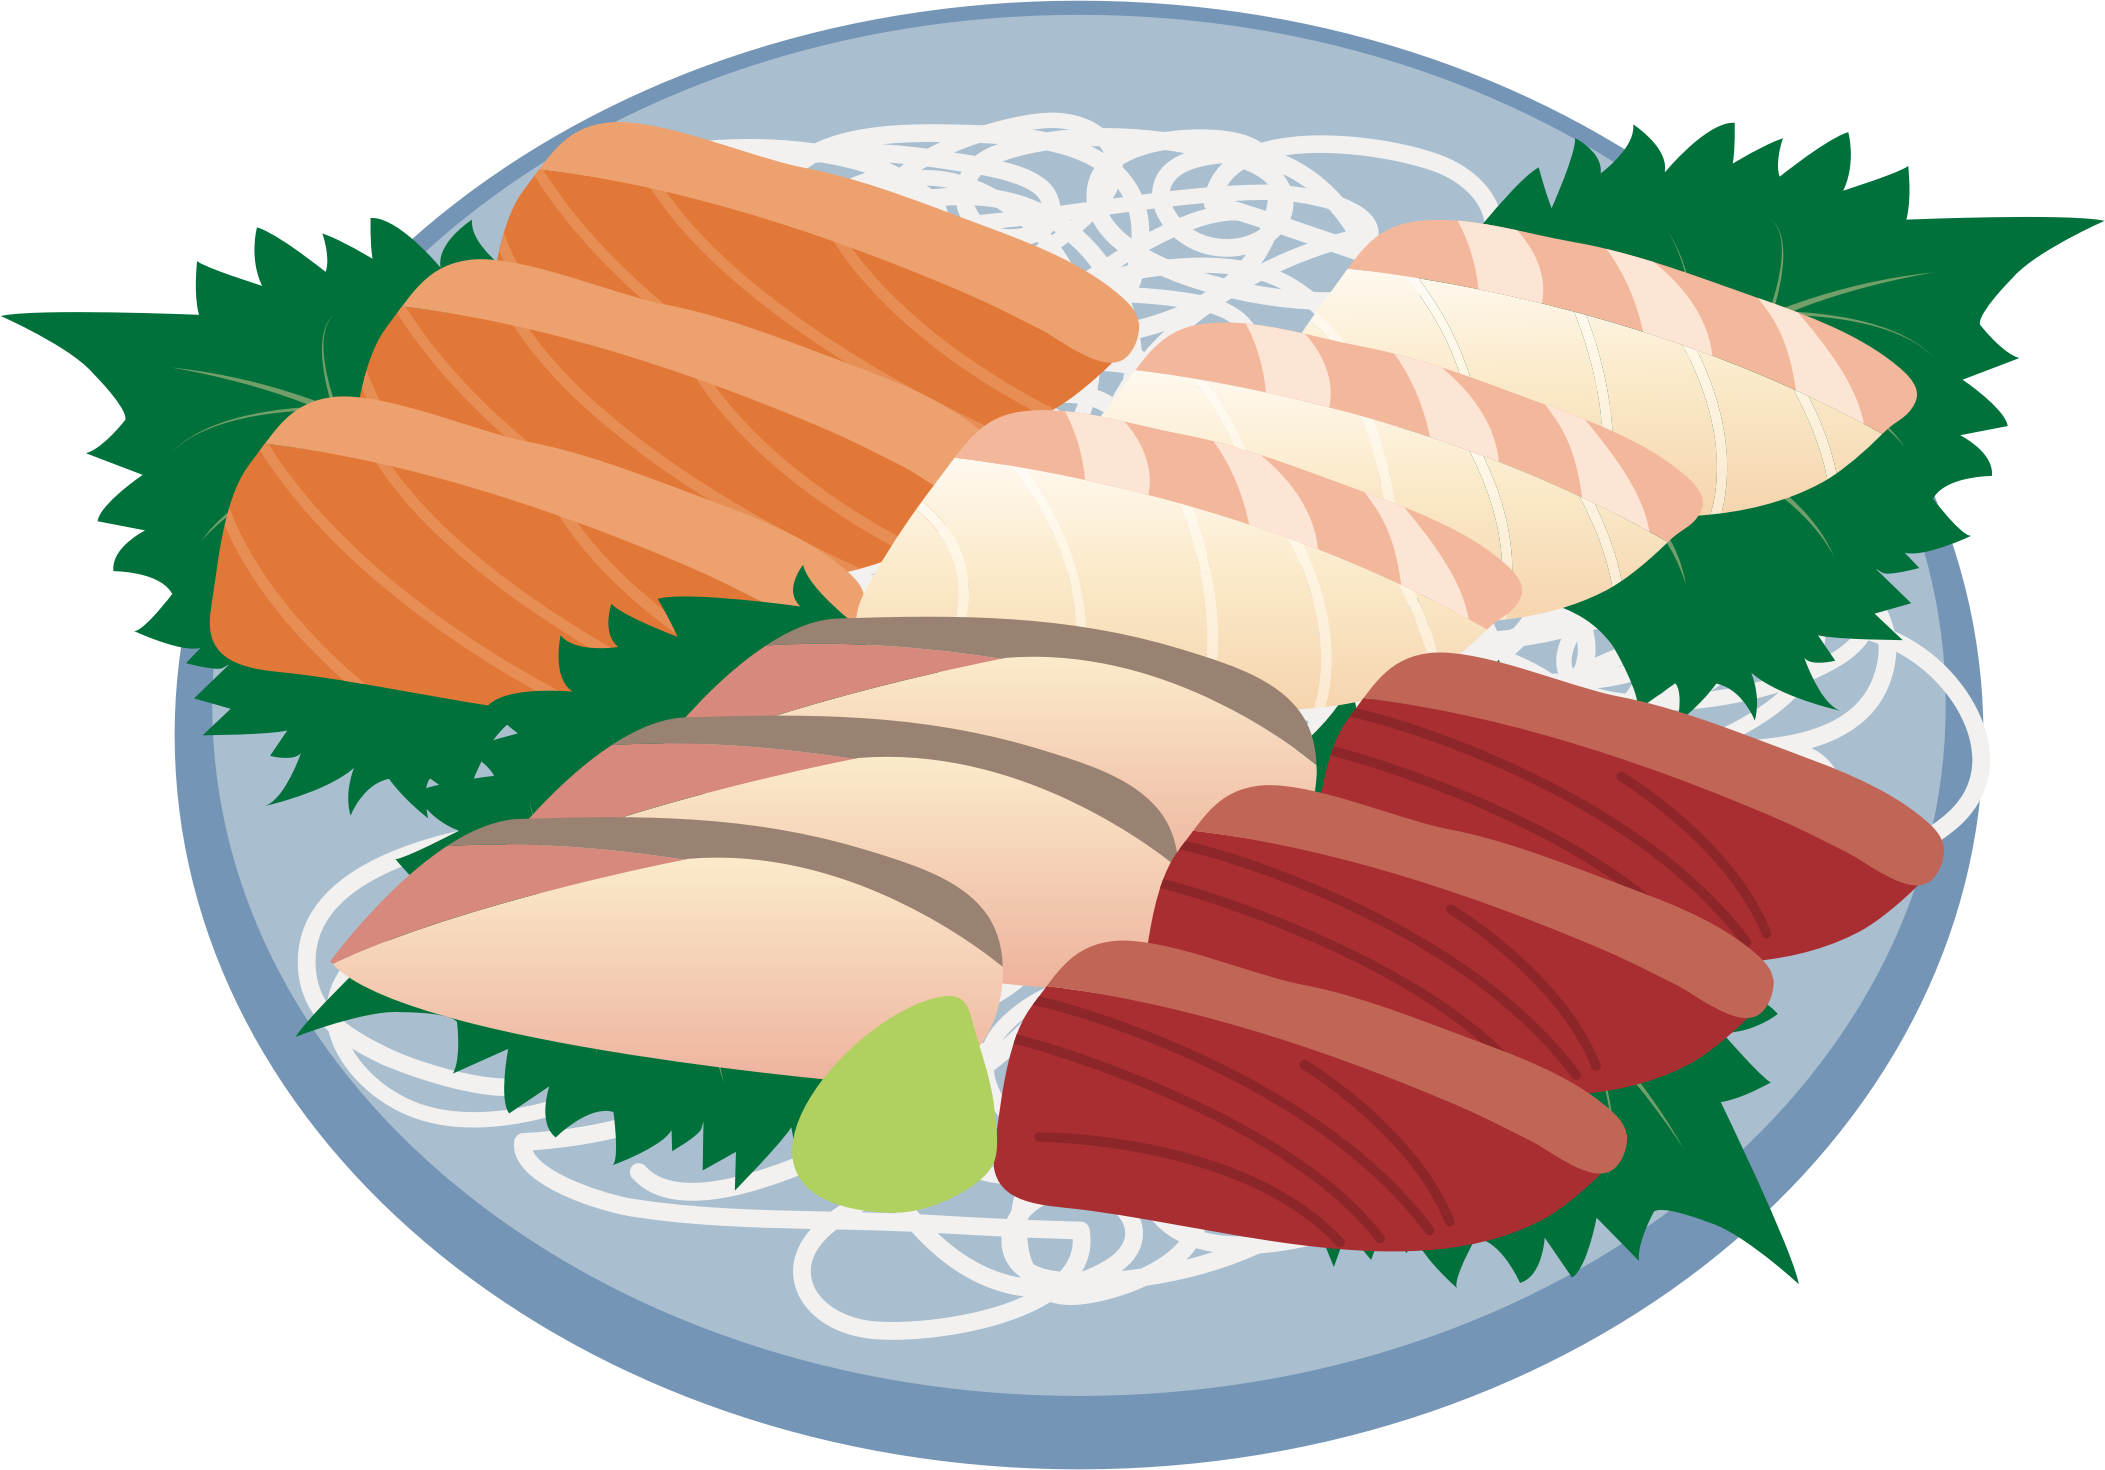 Sashimi assortment big image. Fish dish clipart